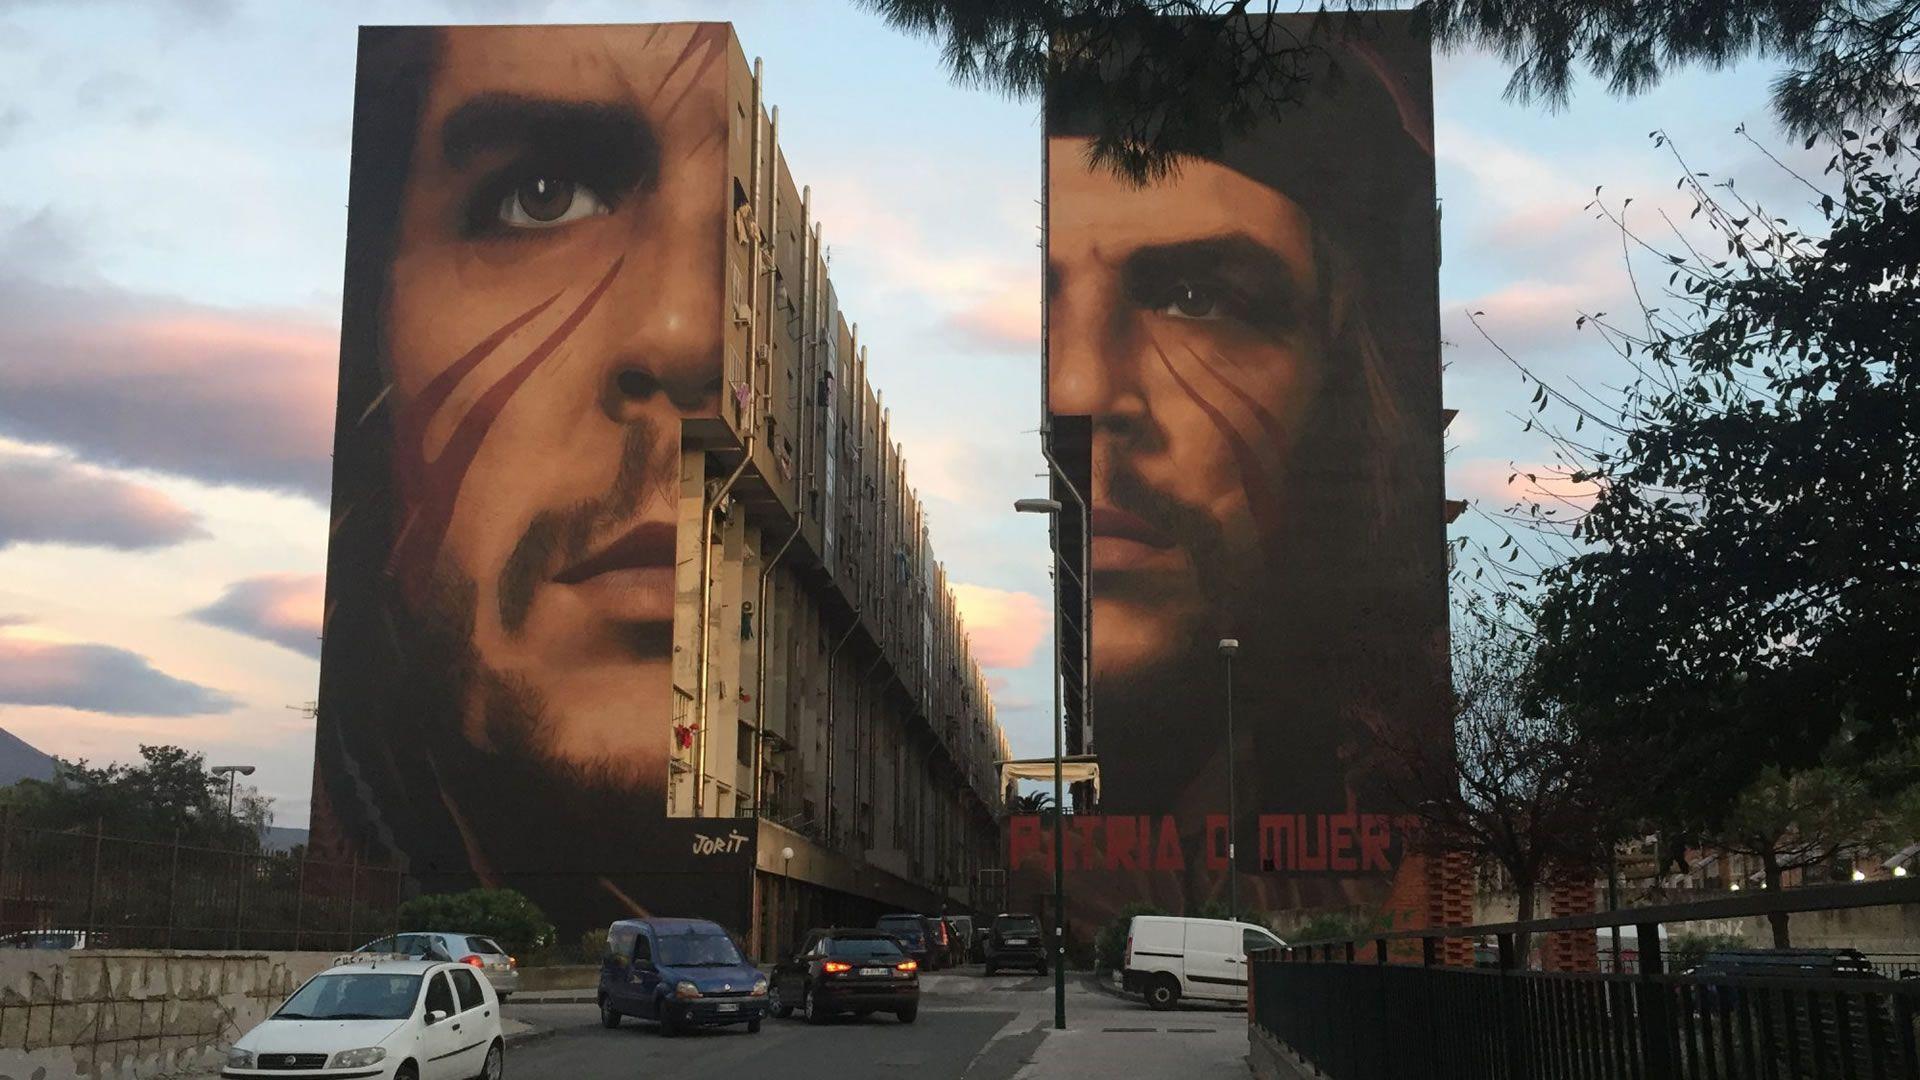 El Mural Mas Grande Del Mundo Del Che Guevara Ya No Esta En Cuba